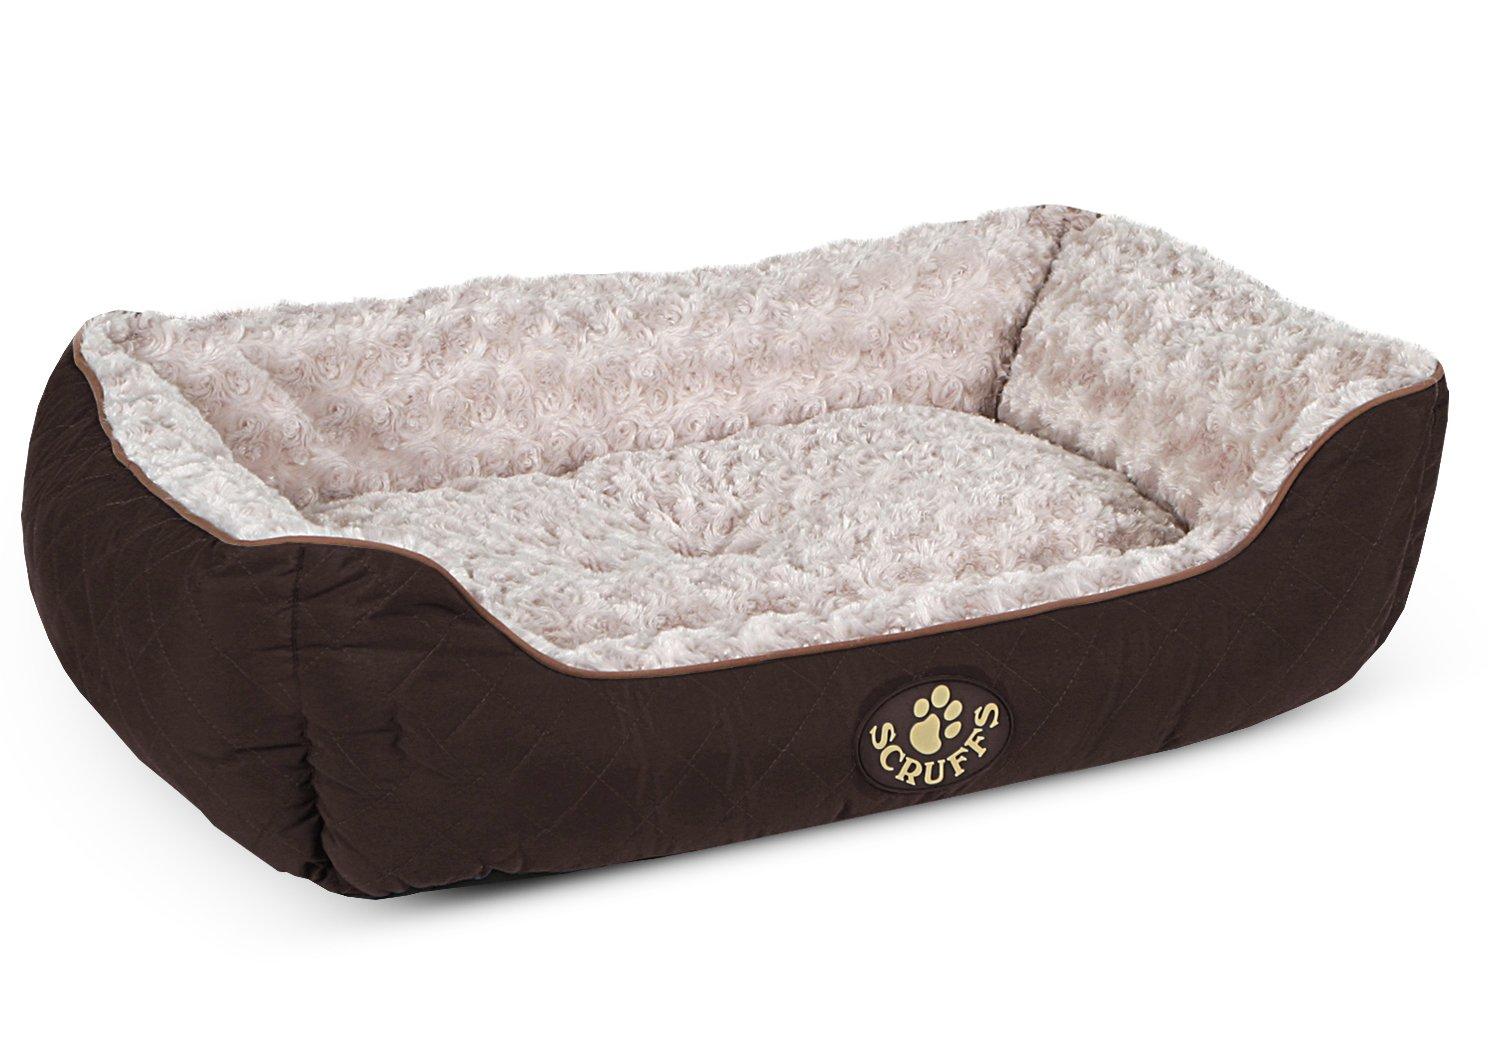 Scruffs Wilton Pet Box Bed